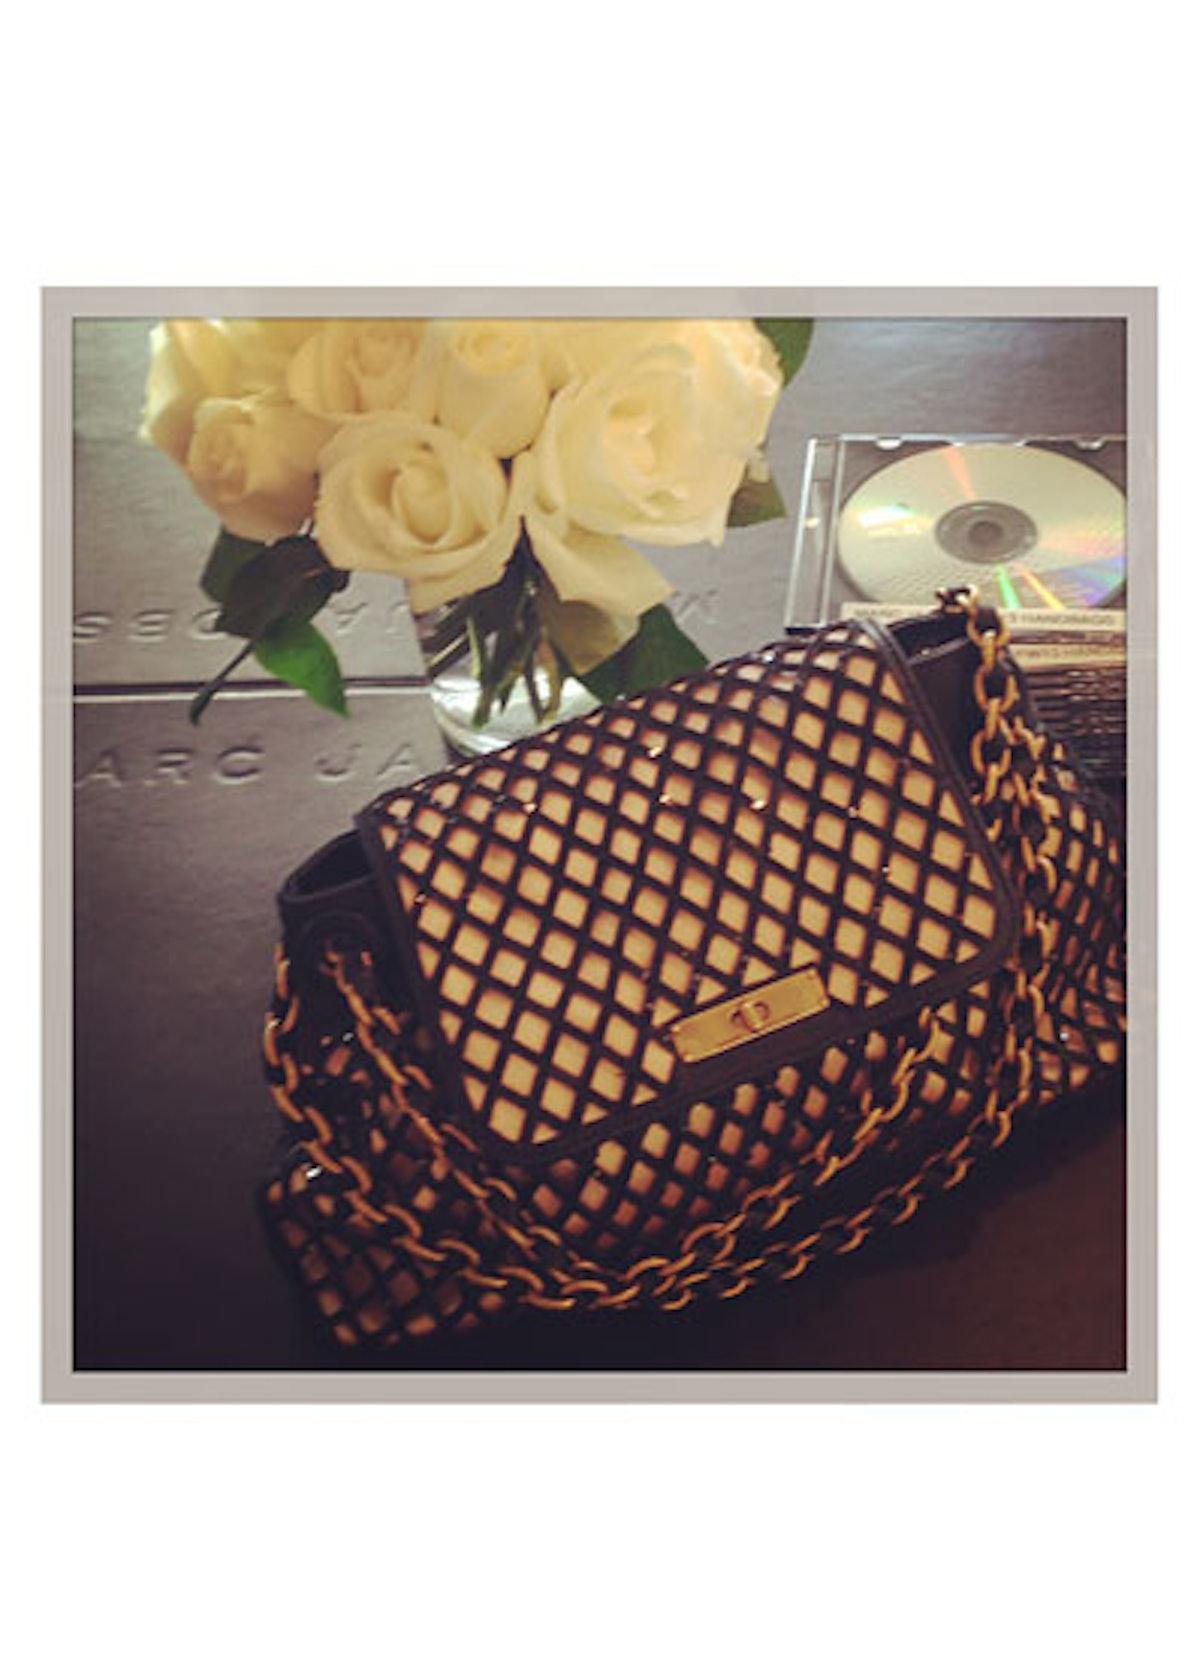 acss-best-bags-fall-2013-03-v.jpg